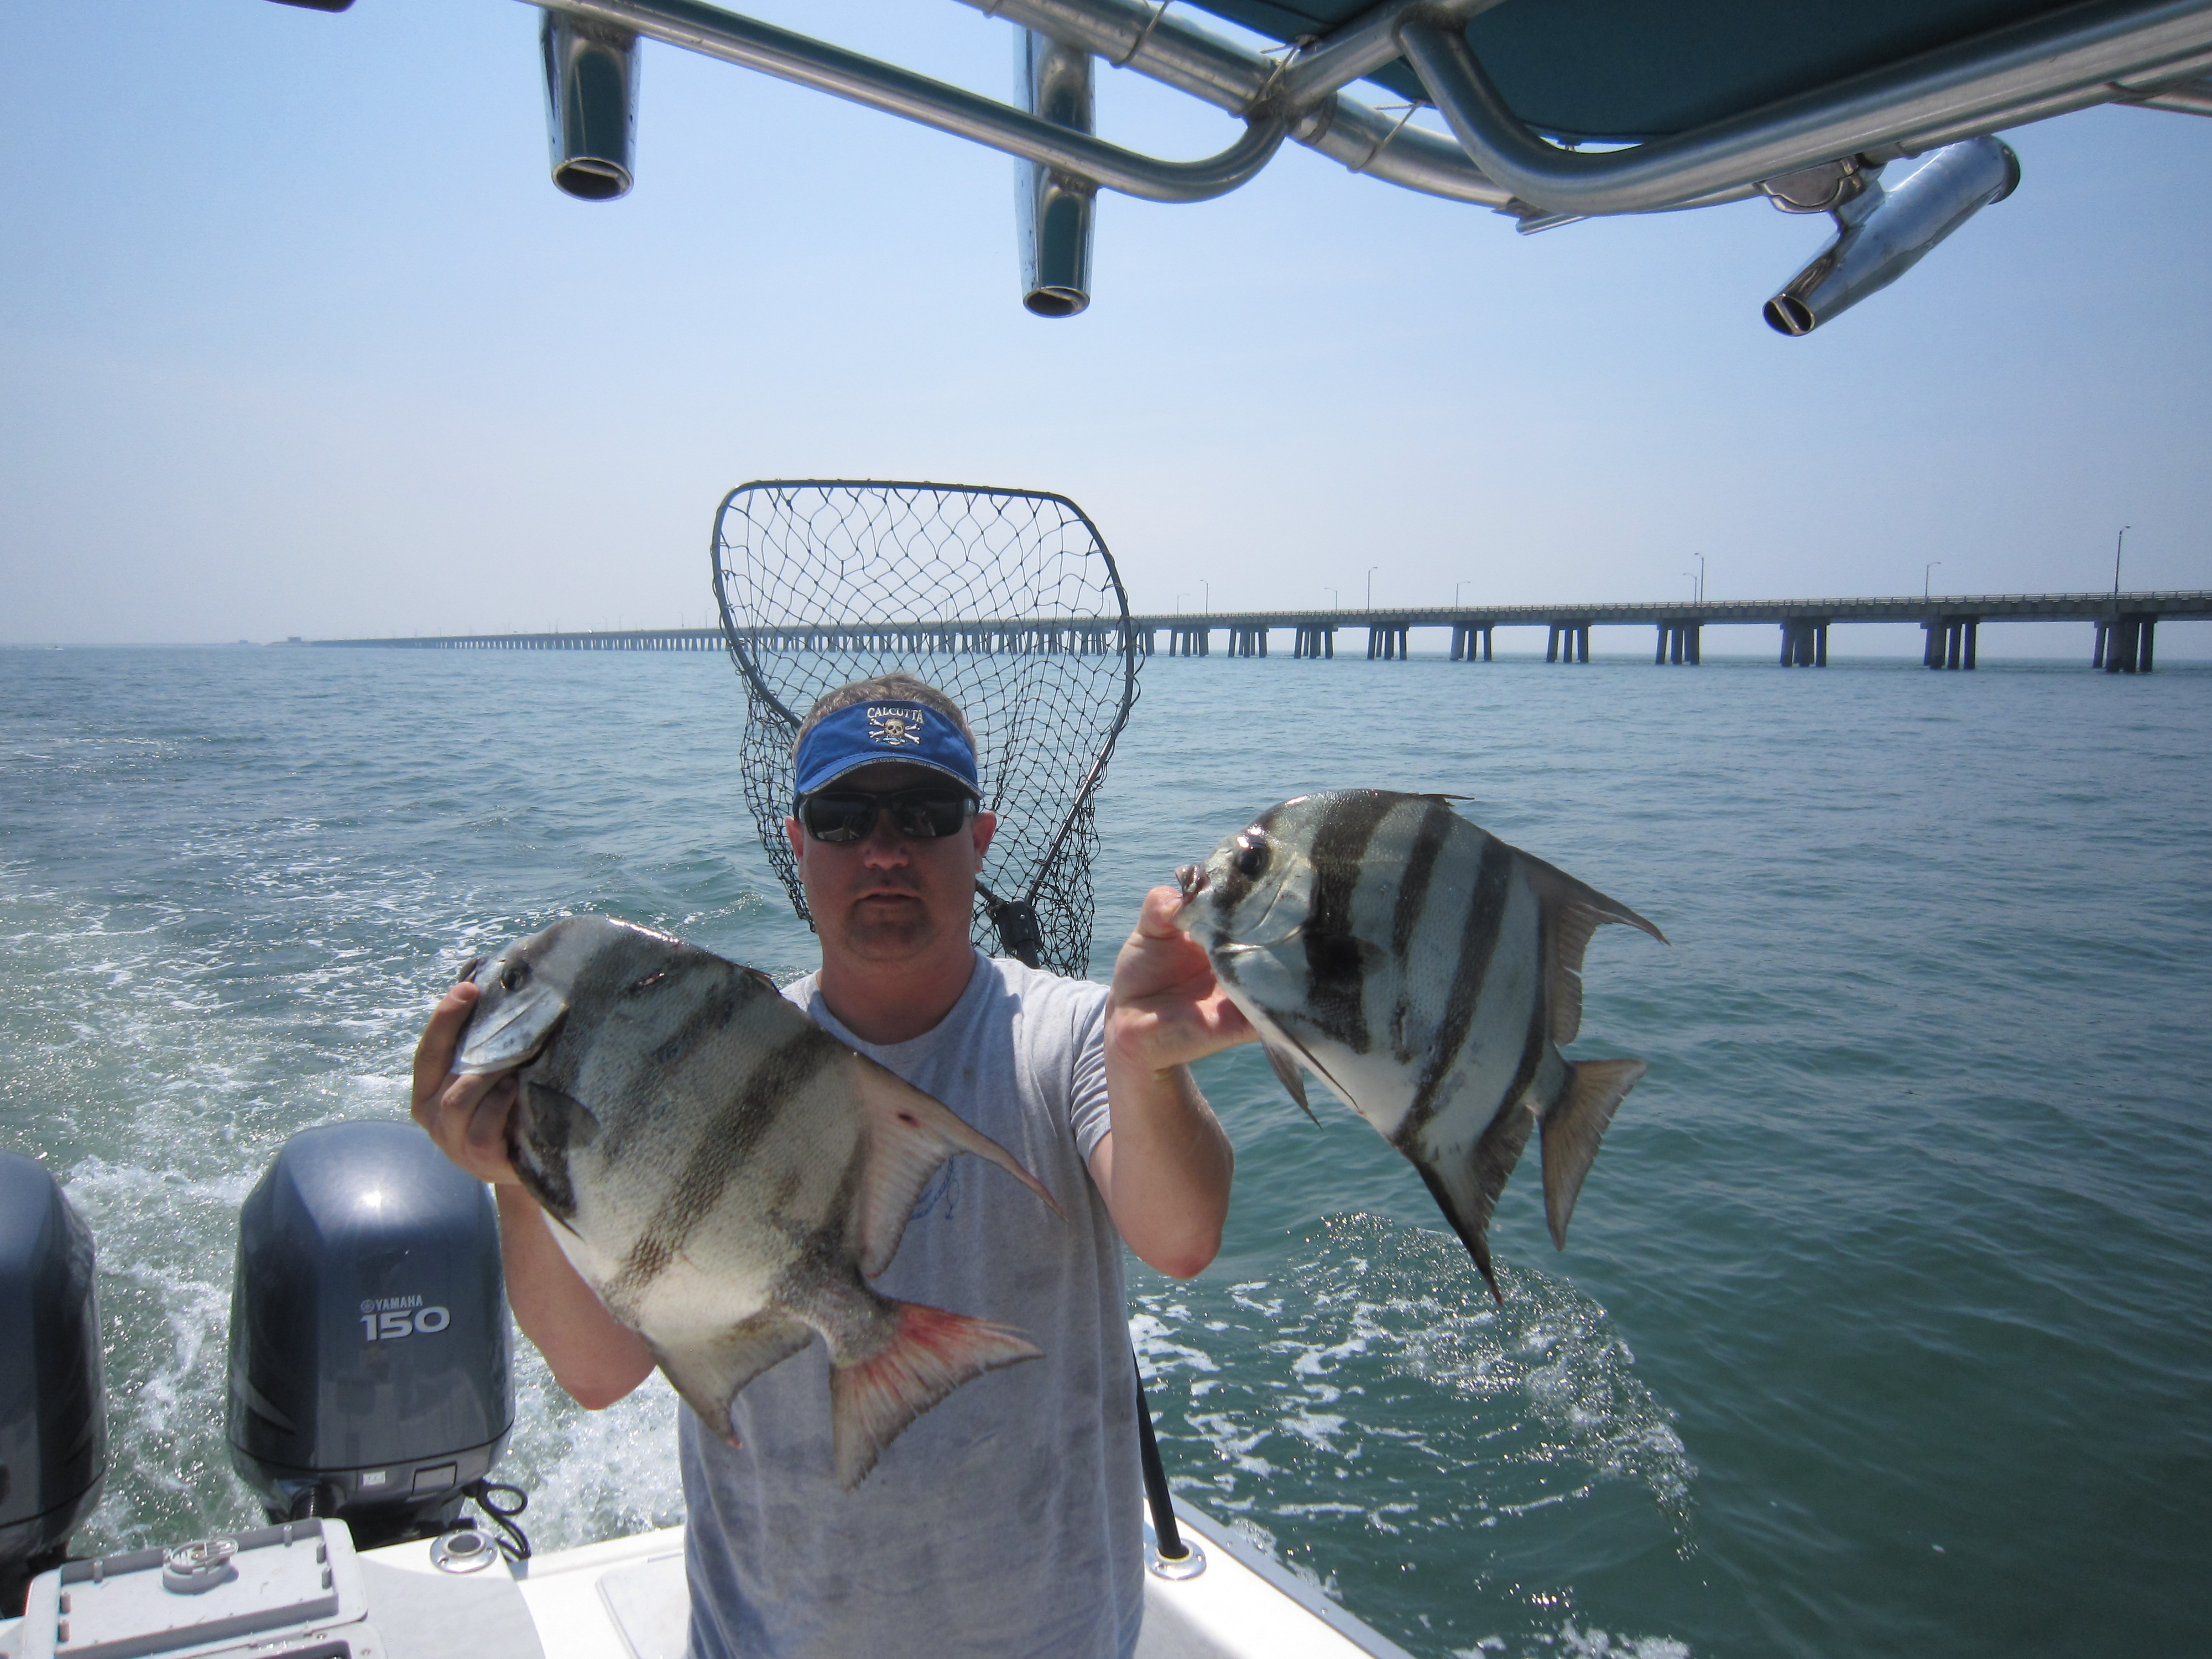 Charter fishing finao sportfishing for Chesapeake bay fishing